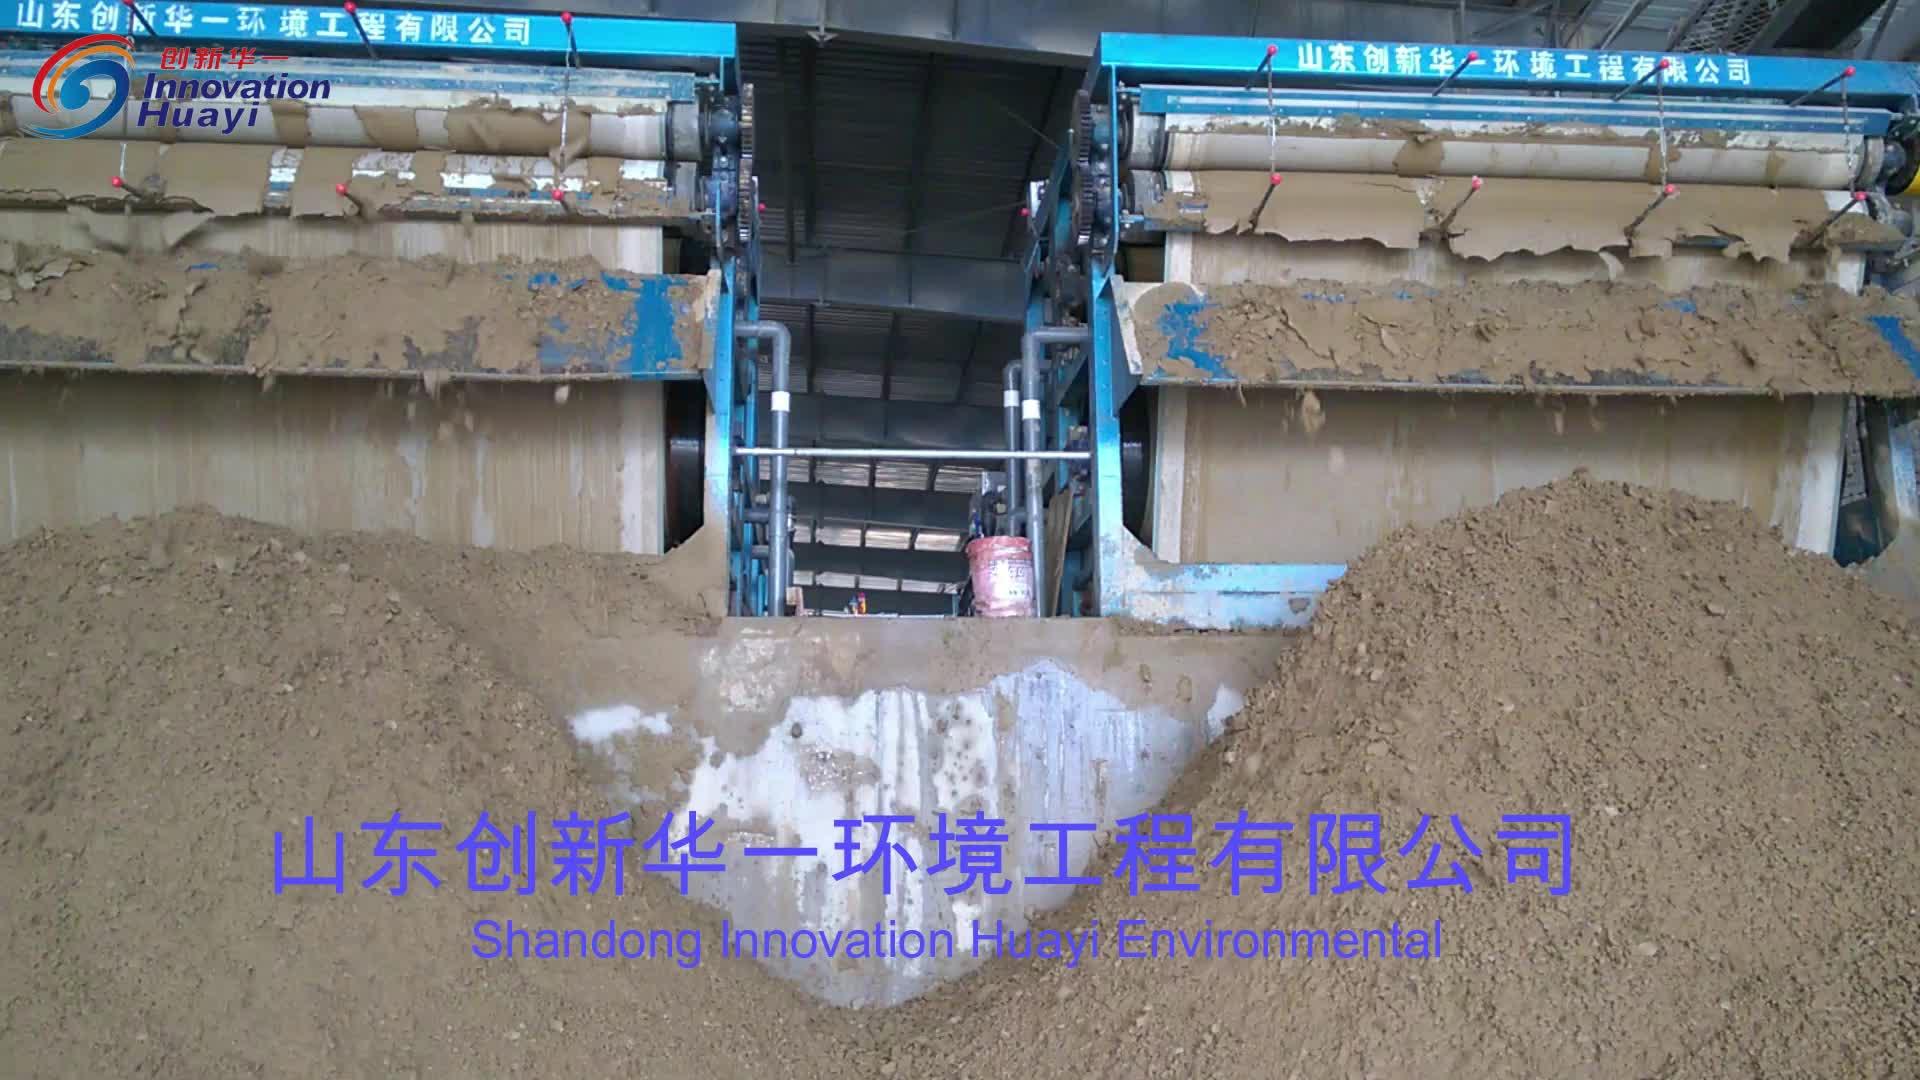 चीन गर्म उत्पादों उन्नत प्रौद्योगिकी स्वचालित बेल्ट फिल्टर प्रेस